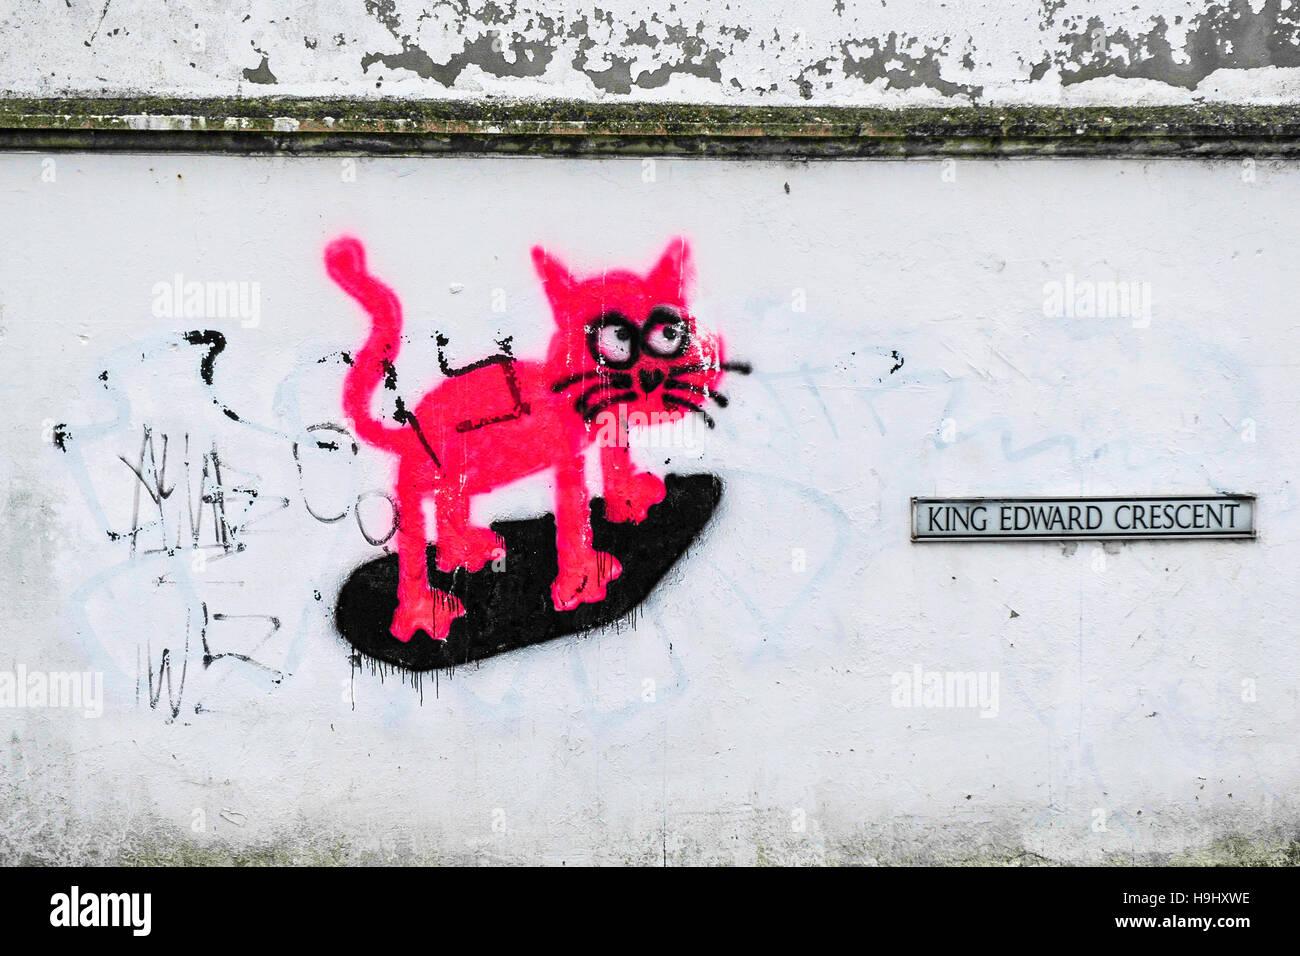 Graffiti - un cartoon gatto rosa viene spruzzato su una parete. Immagini Stock